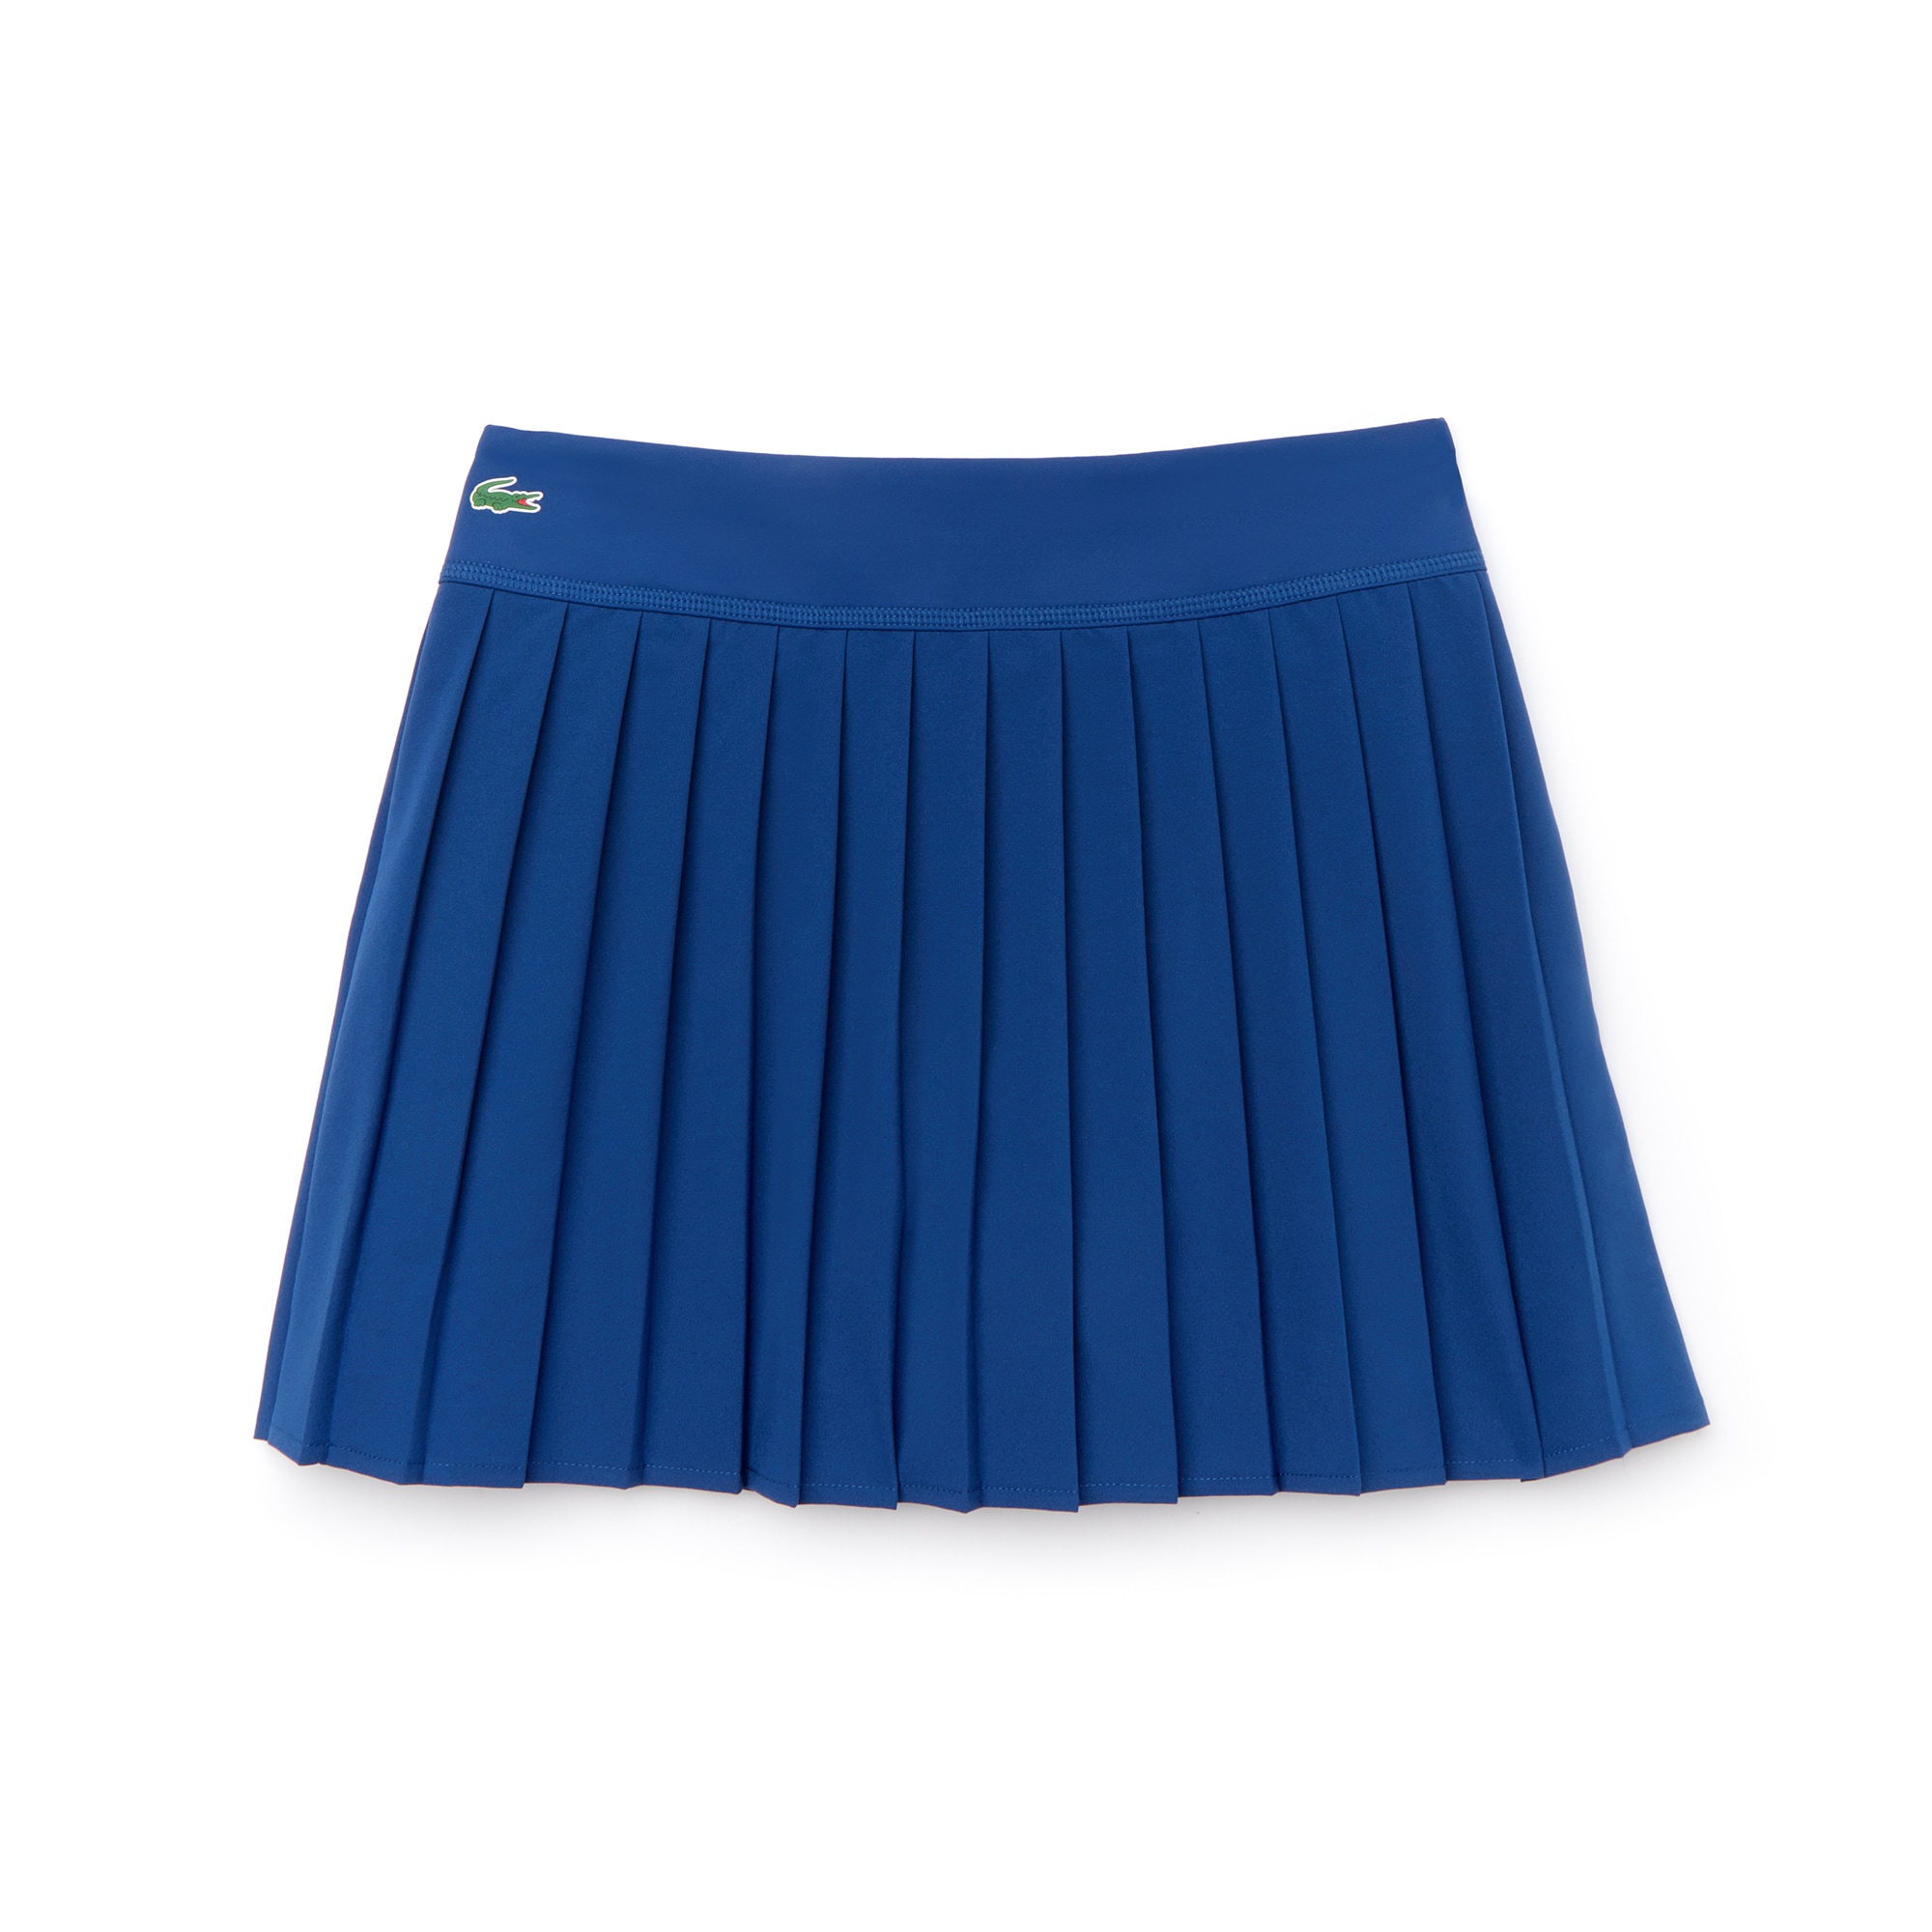 Falda plisada de mujer de malla técnica Lacoste SPORT Tennis